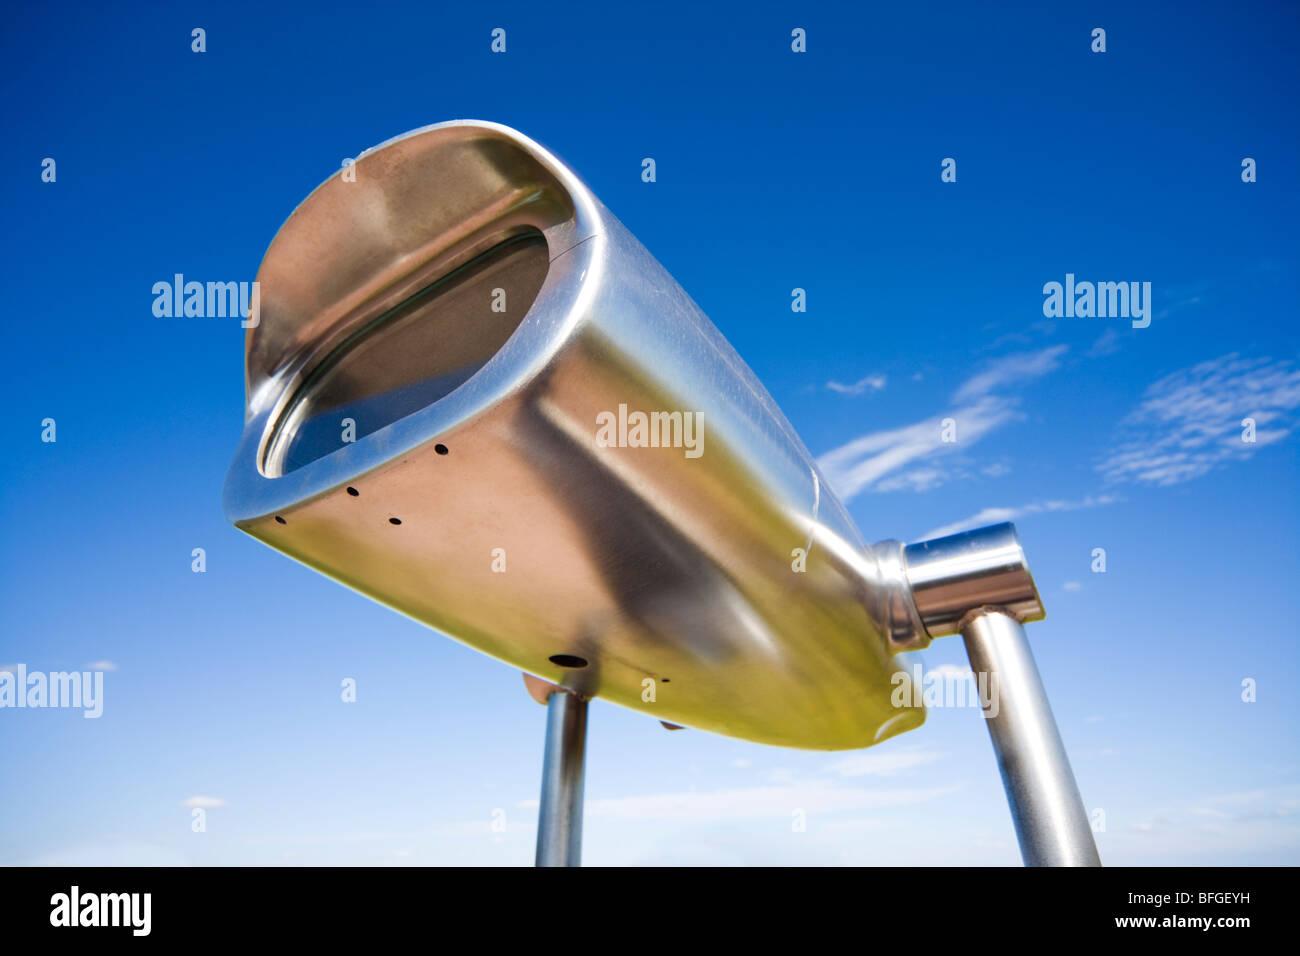 Starke große Aluminium Bereiche anzeigen. Fernglas Hi-Spy Münz. Mechanische 50 X Teleskop Viewer auf einem Stockbild